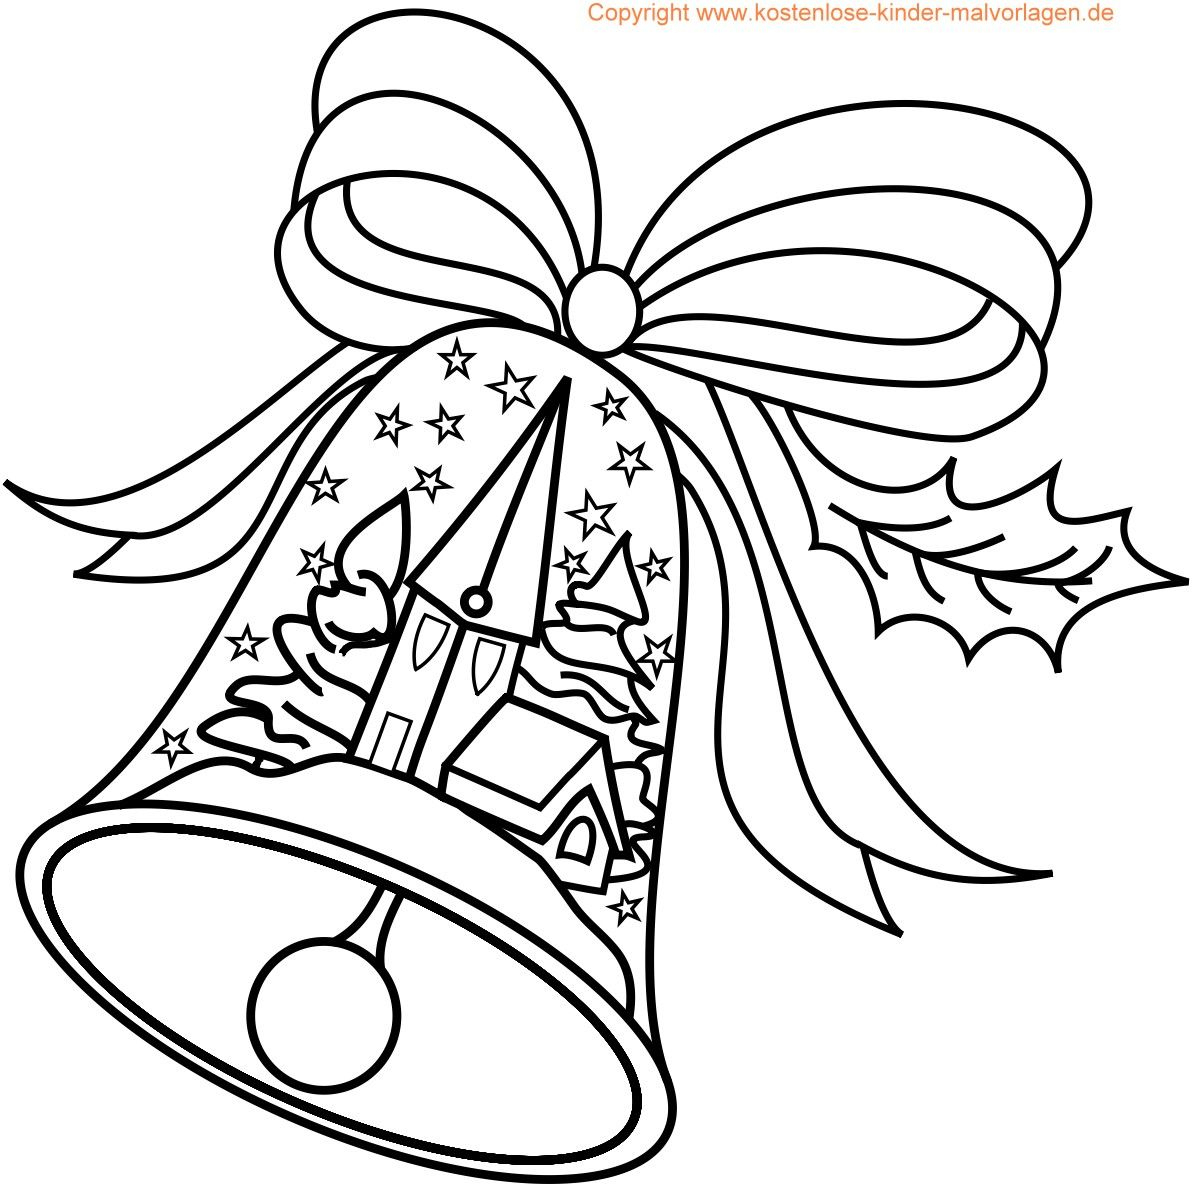 Weihnachten Malvorlagen (Mit Bildern) | Malvorlagen für Weihnachtsausmalbilder Gratis Ausdrucken